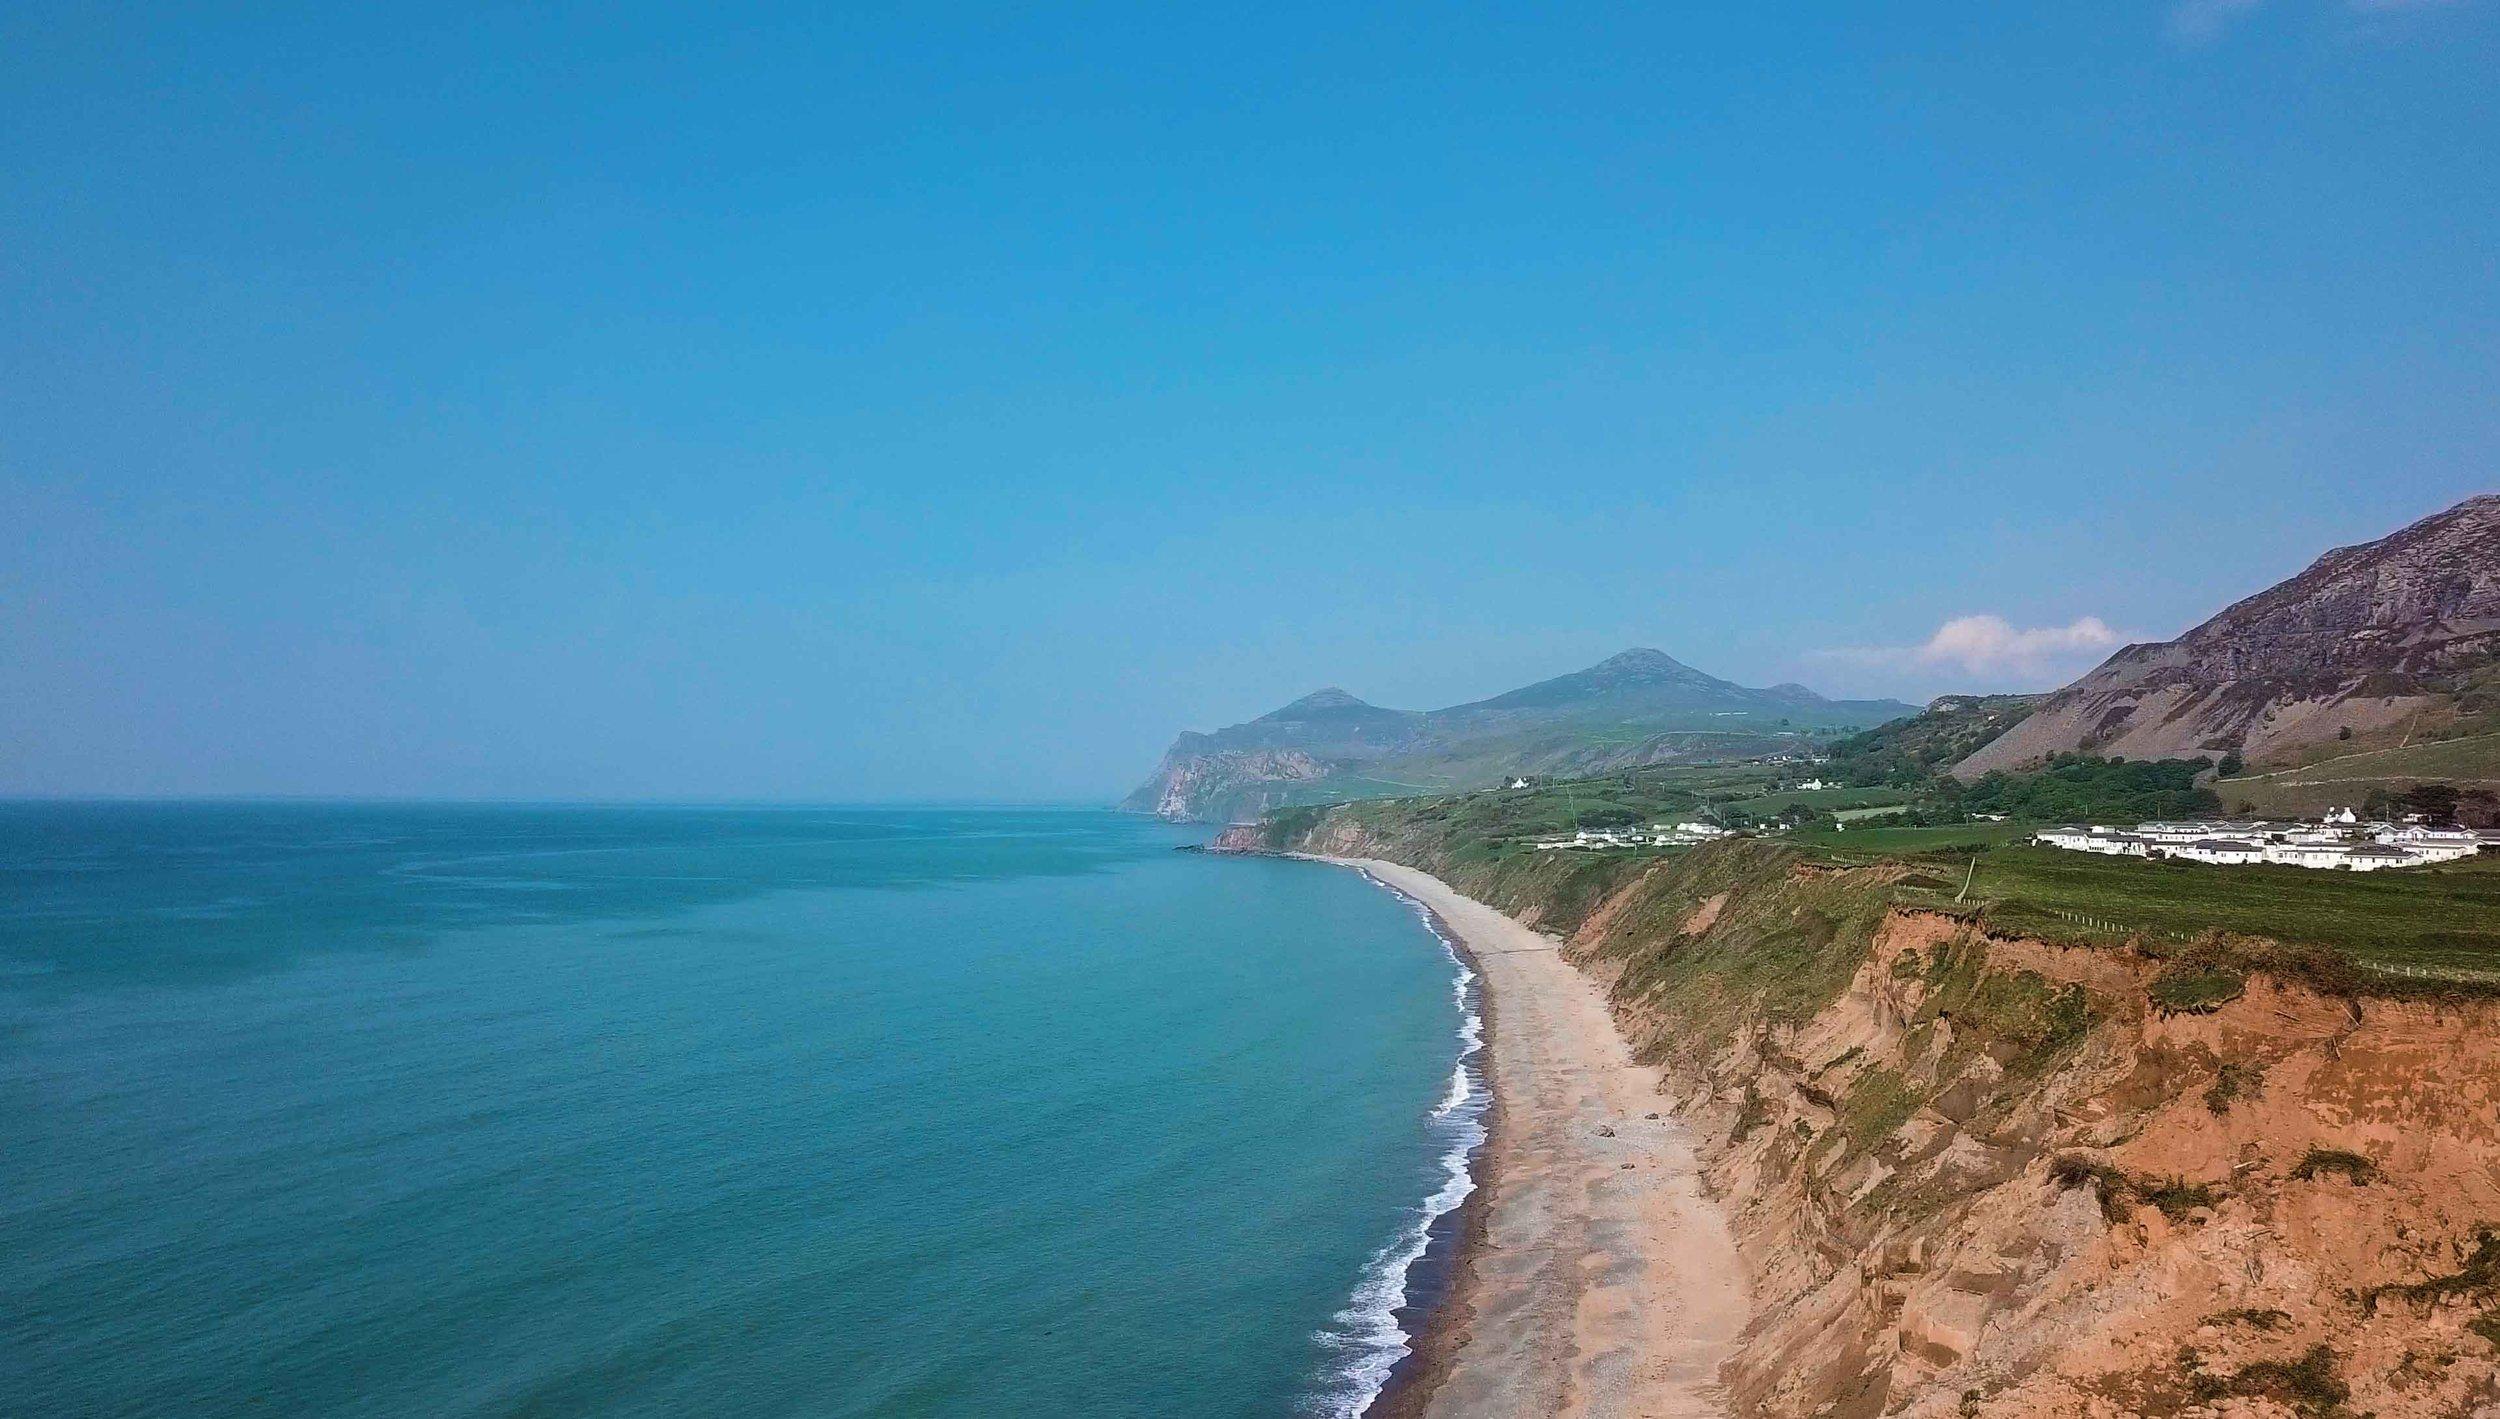 sunny coastline